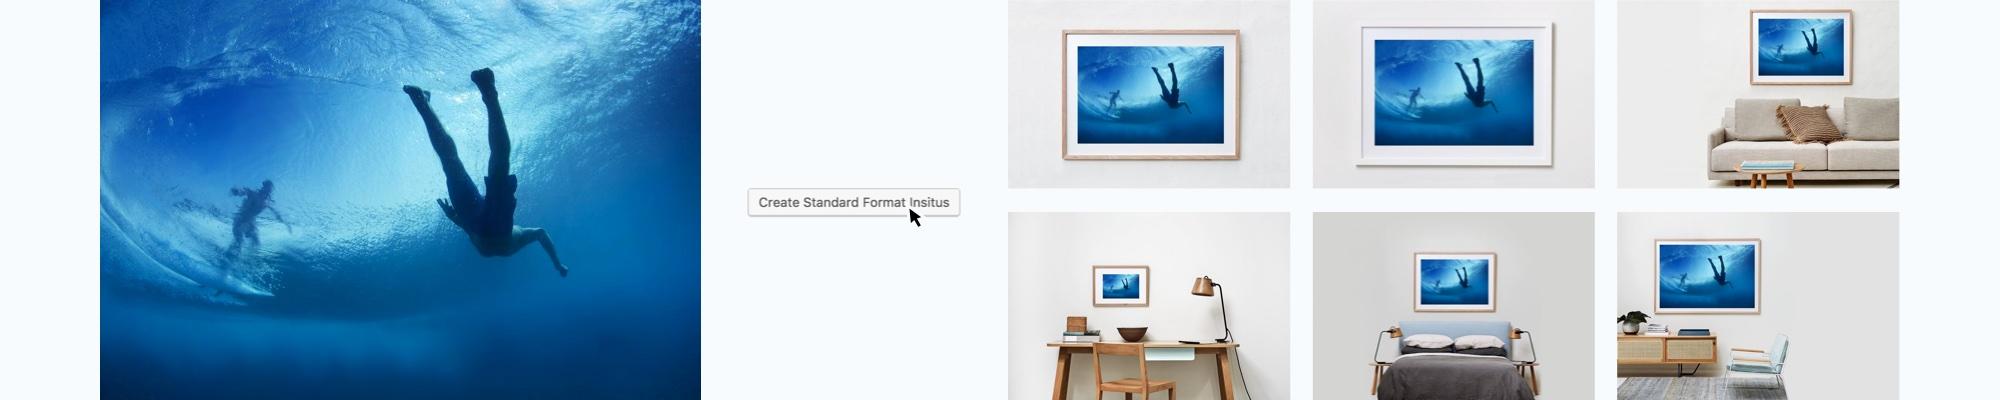 WooCommerce Image Merge